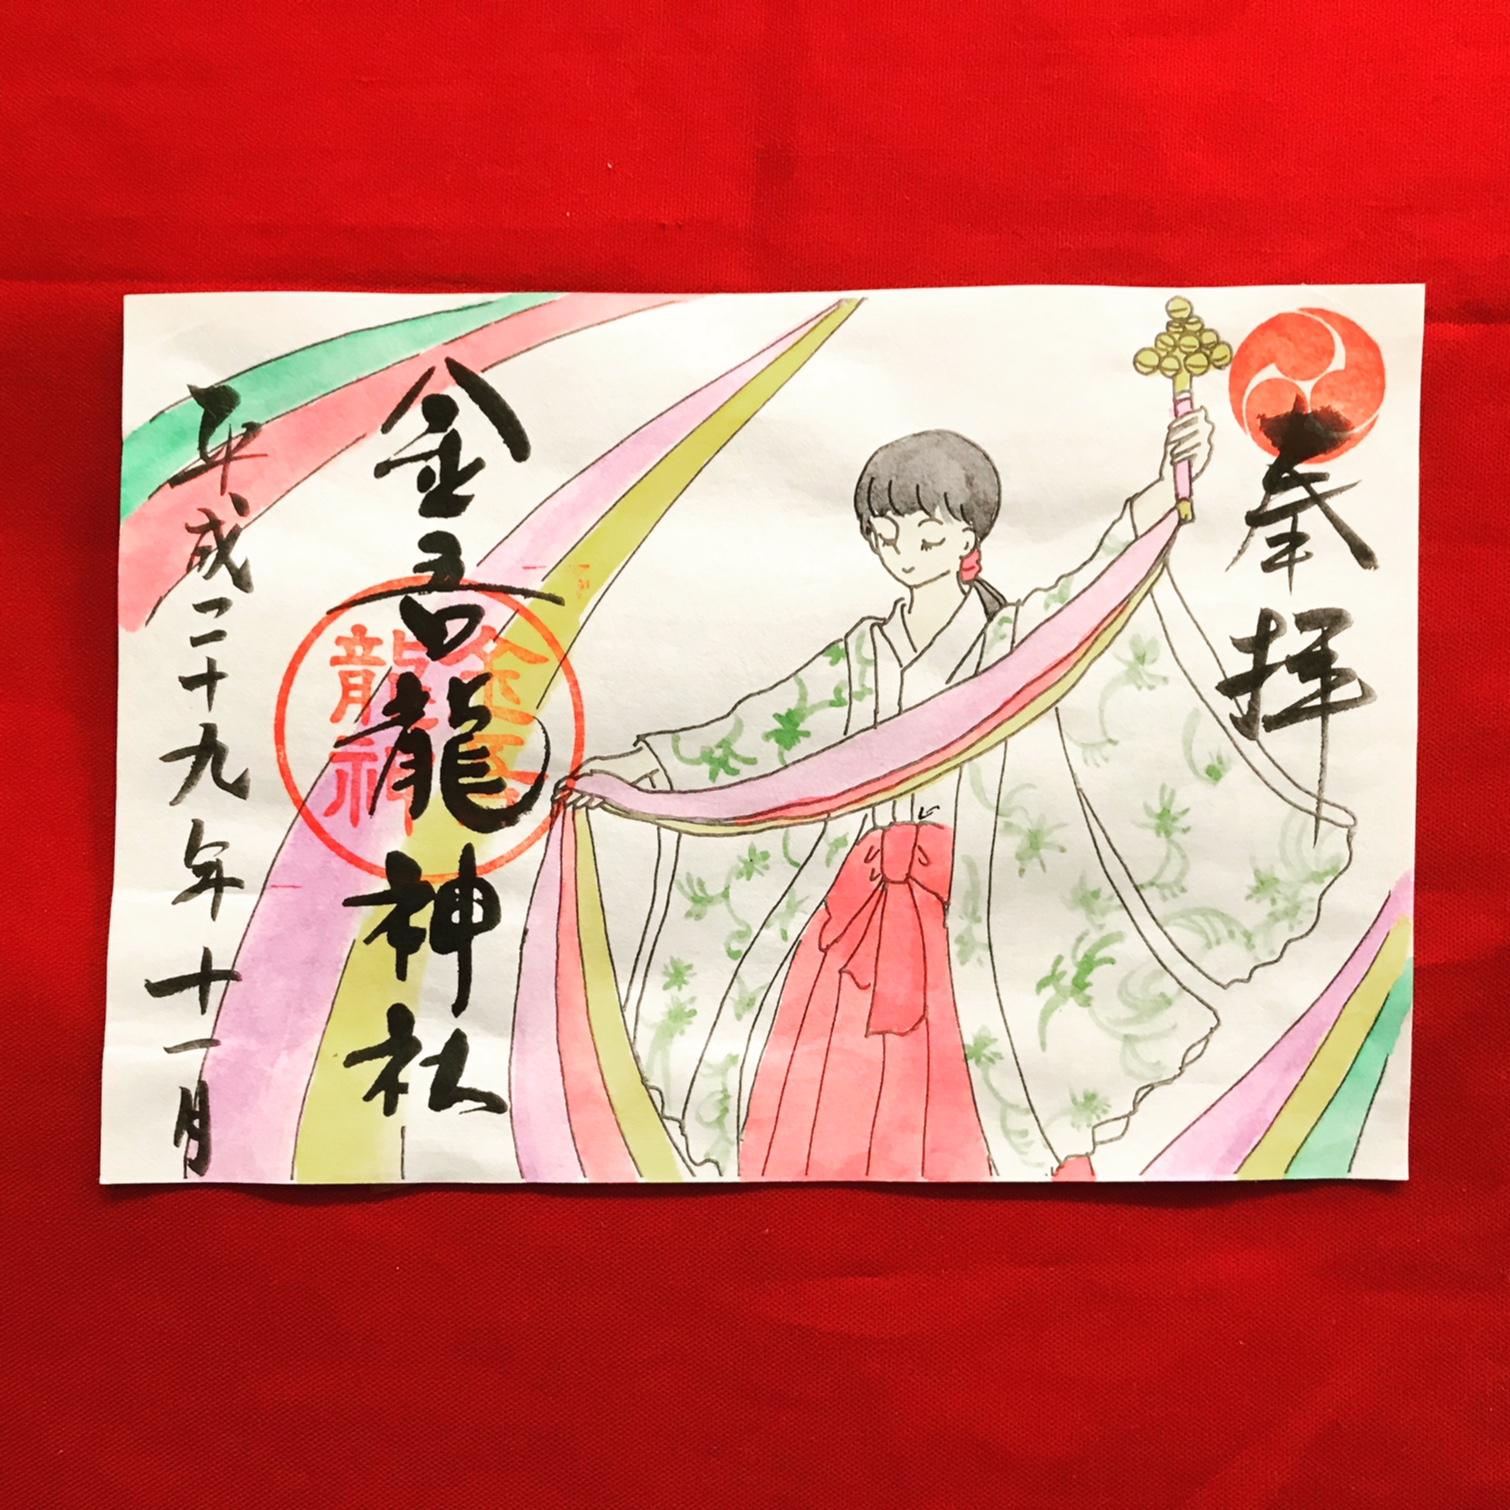 「巫女舞」限定御朱印(11月)画像